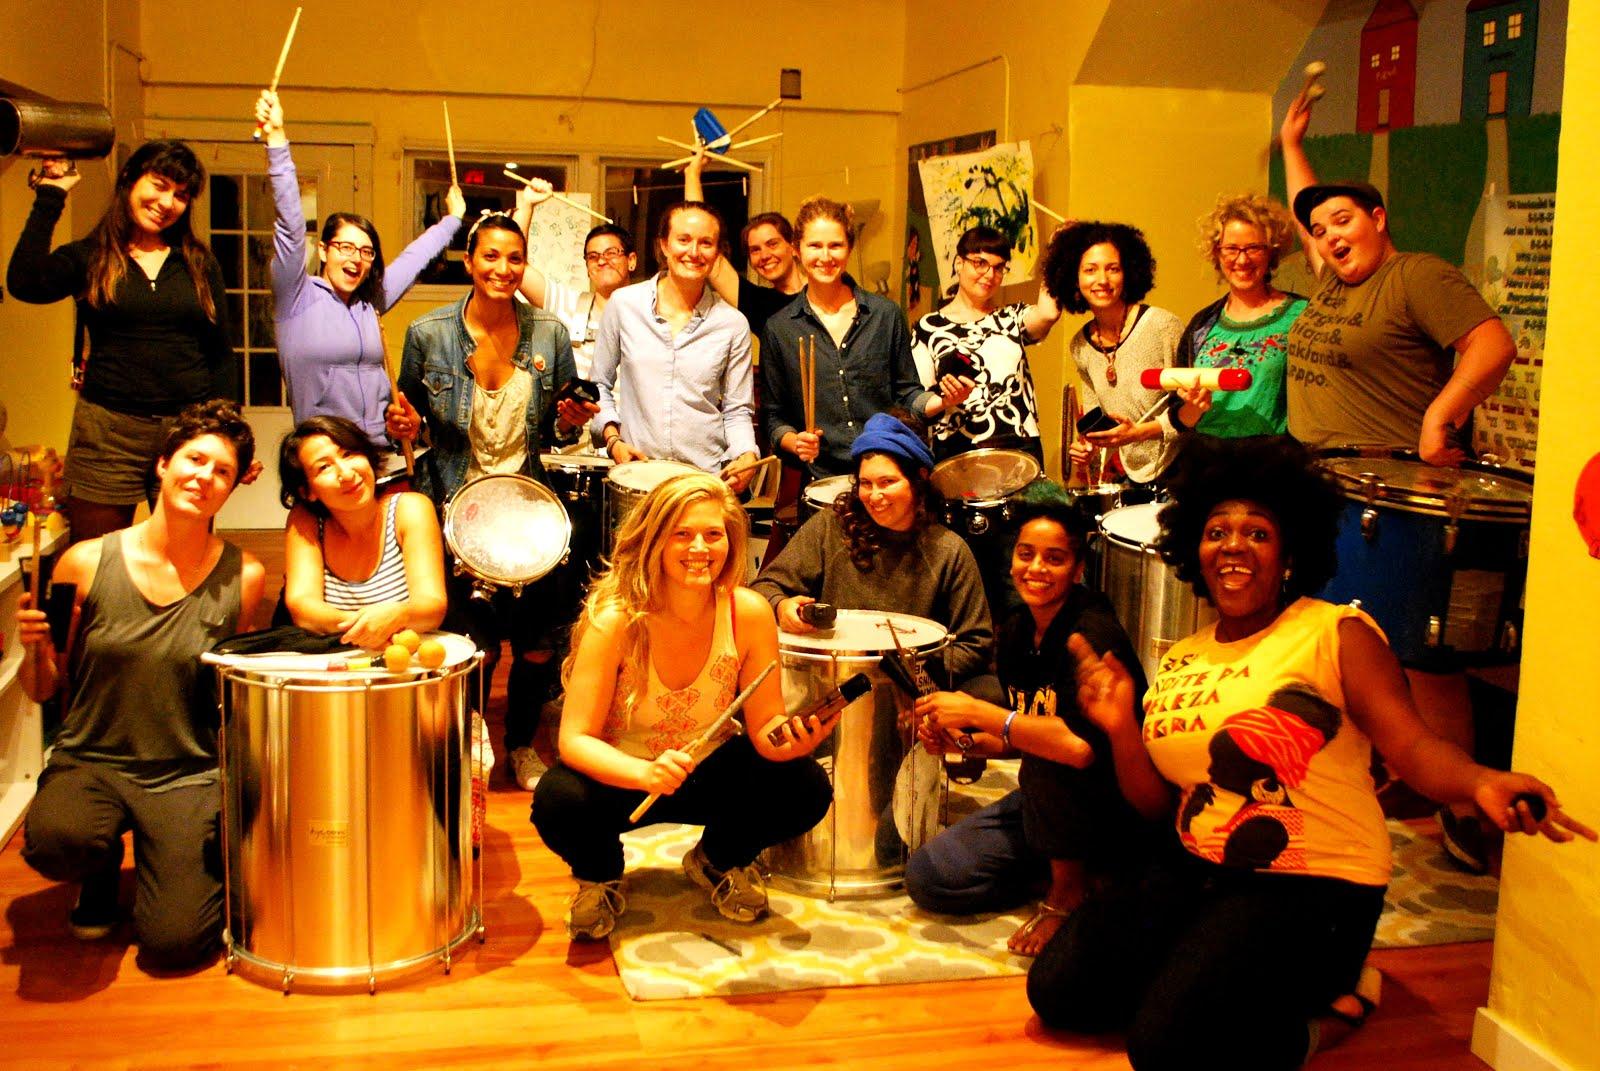 Global Street Drum